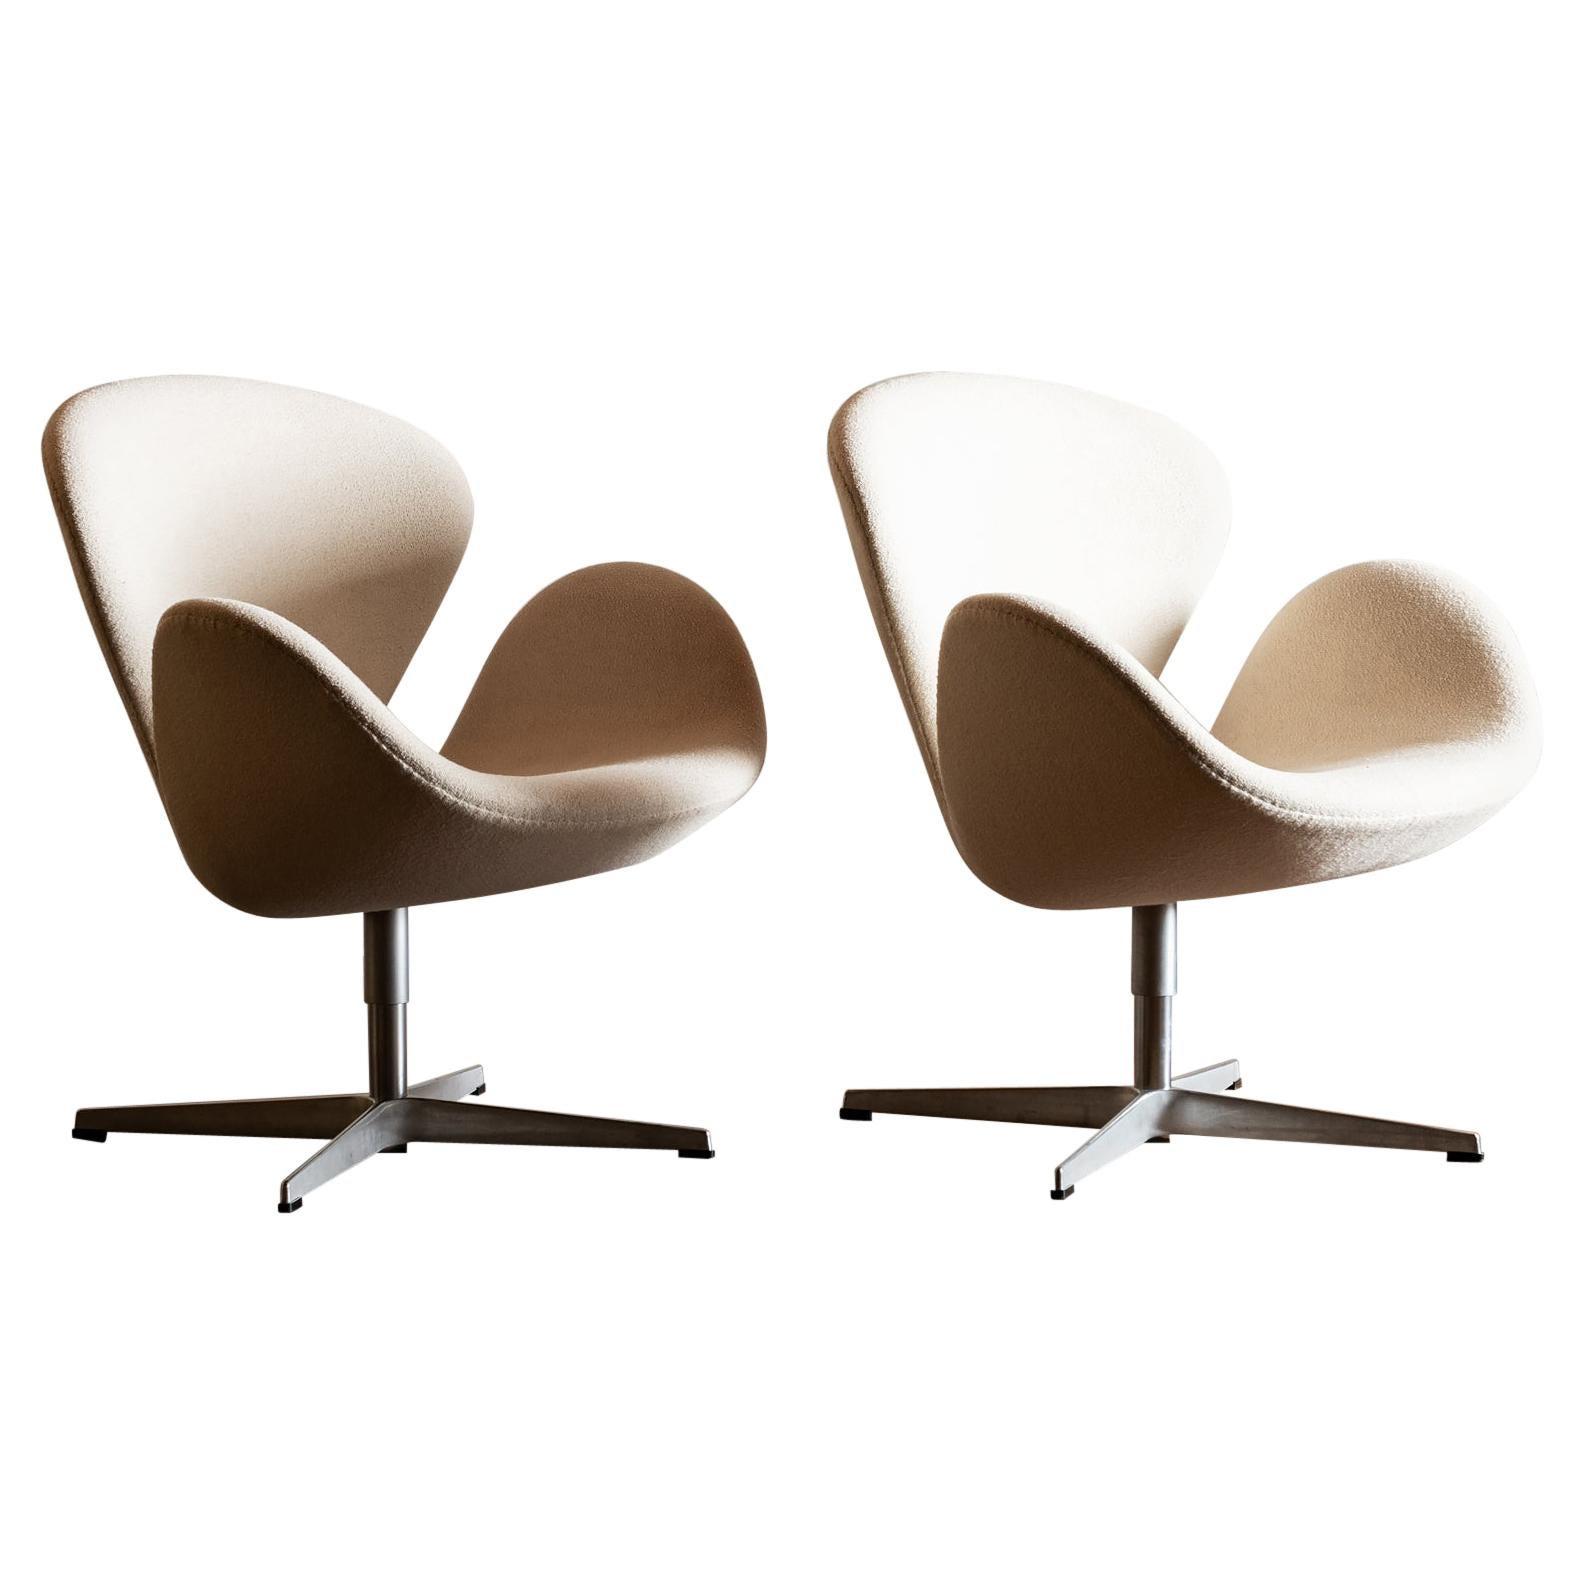 Pair of Swan Chairs by Arne Jacobsen for Fritz Hansen, Denmark